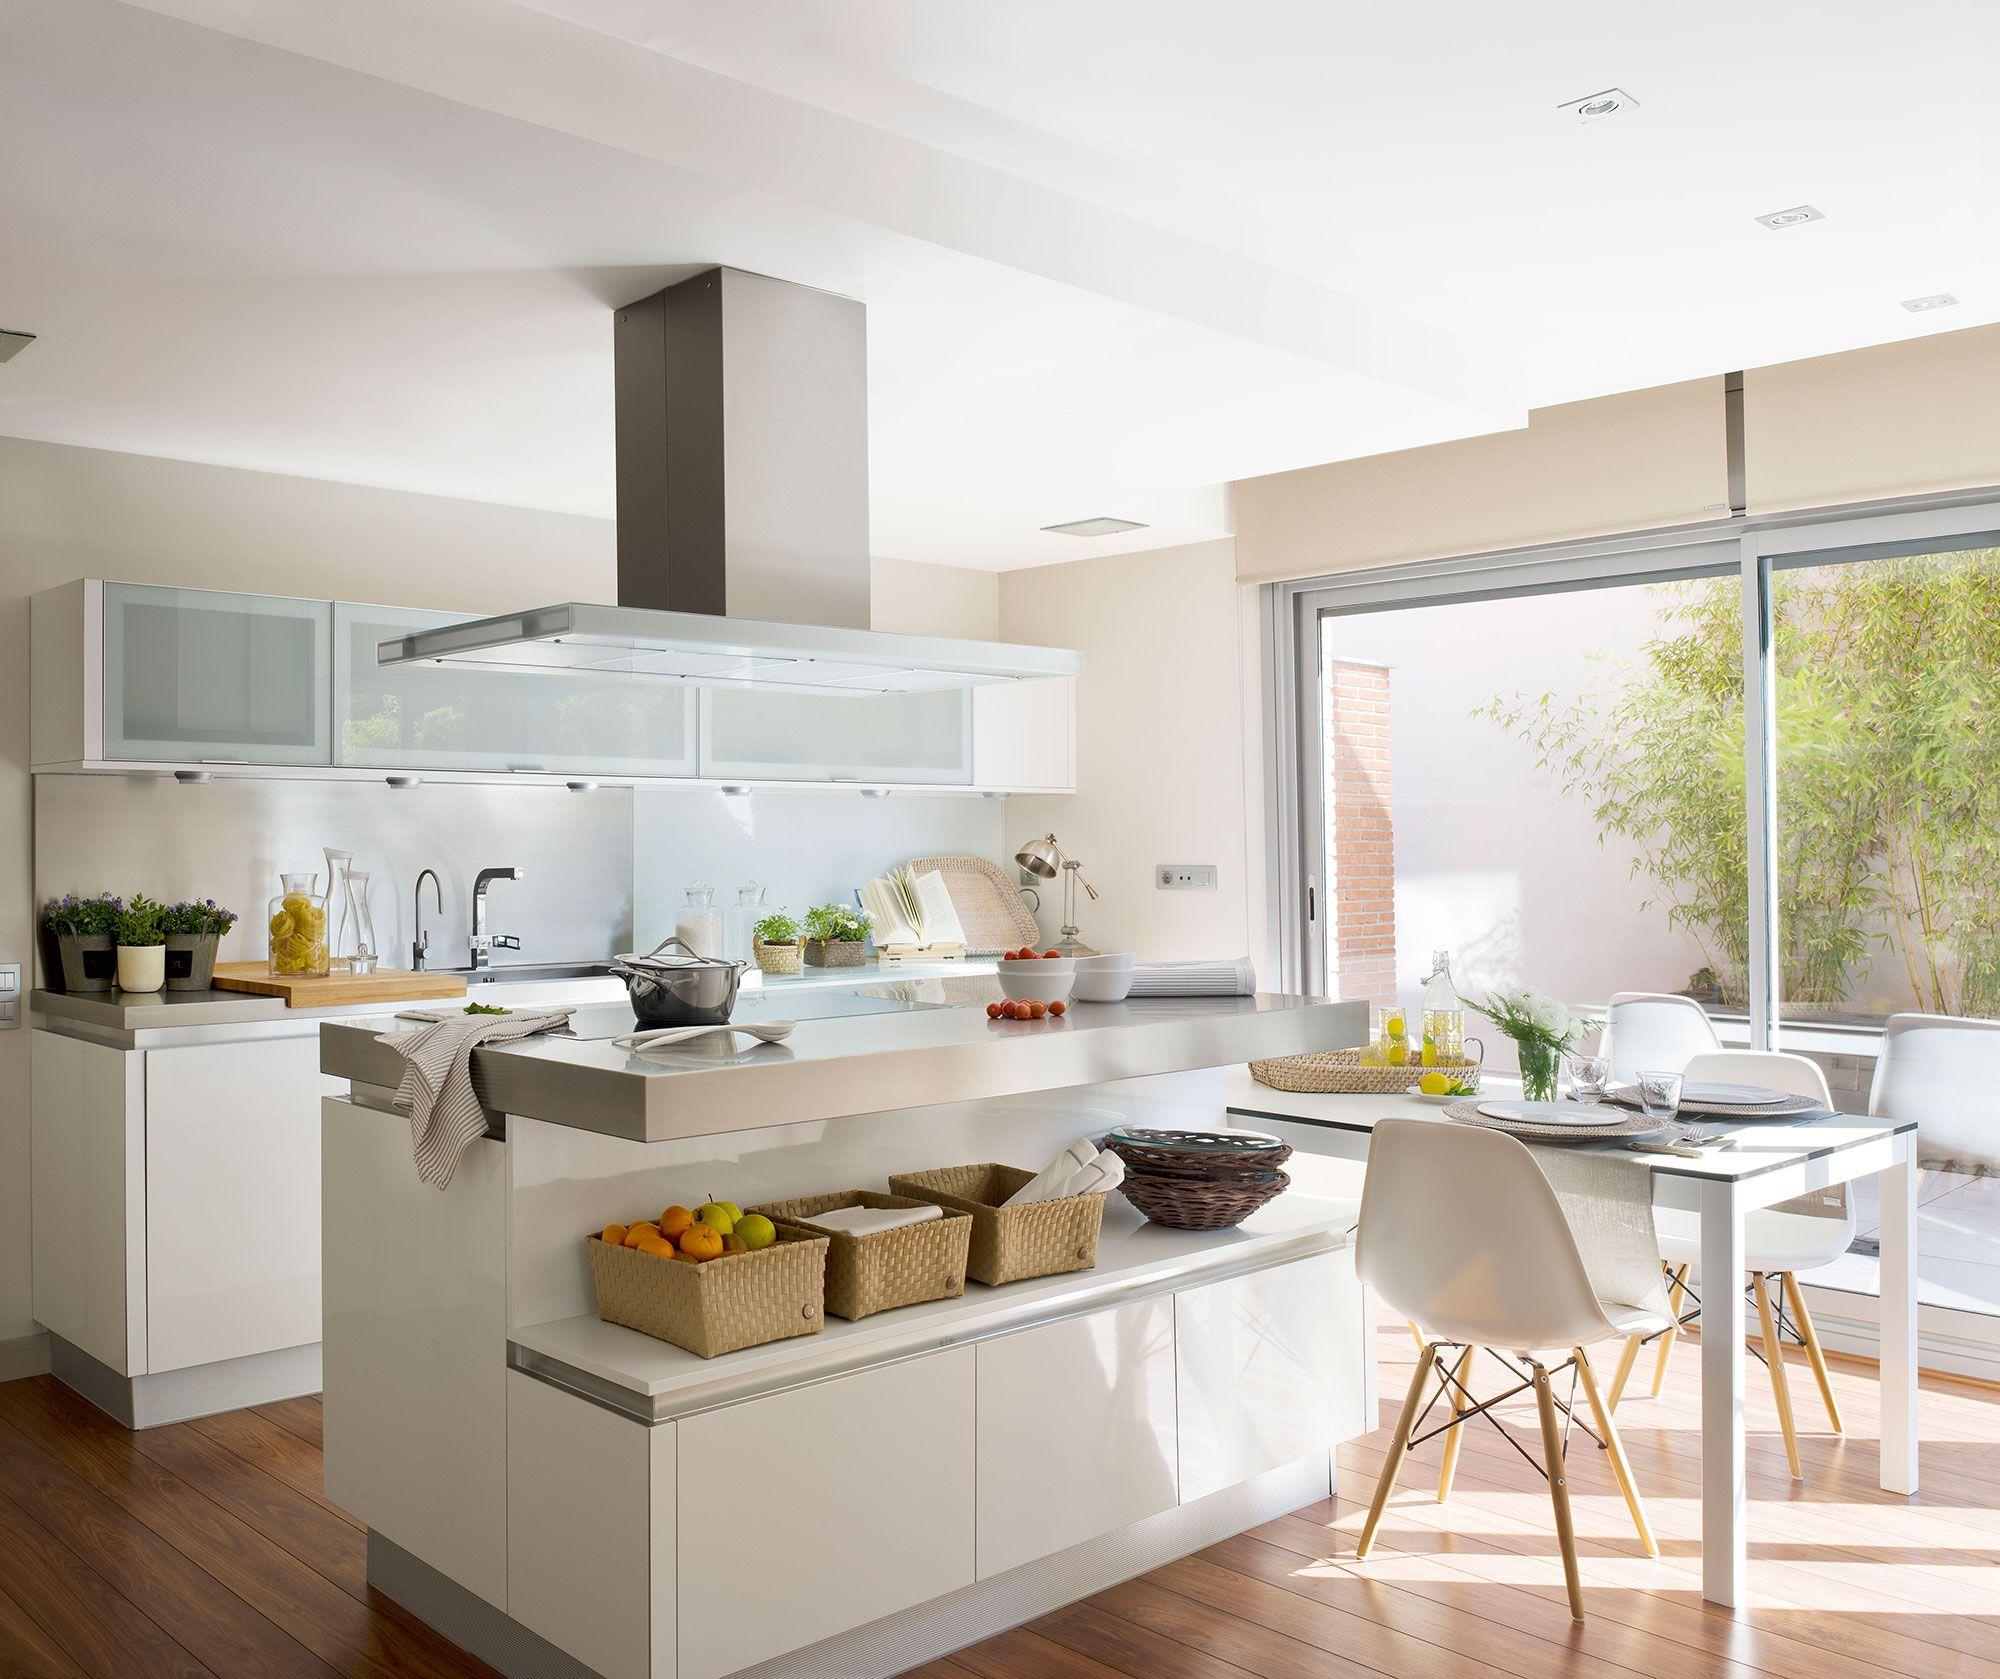 Cocina blanca con office y encimera de acero inoxidable | Cocinas en ...